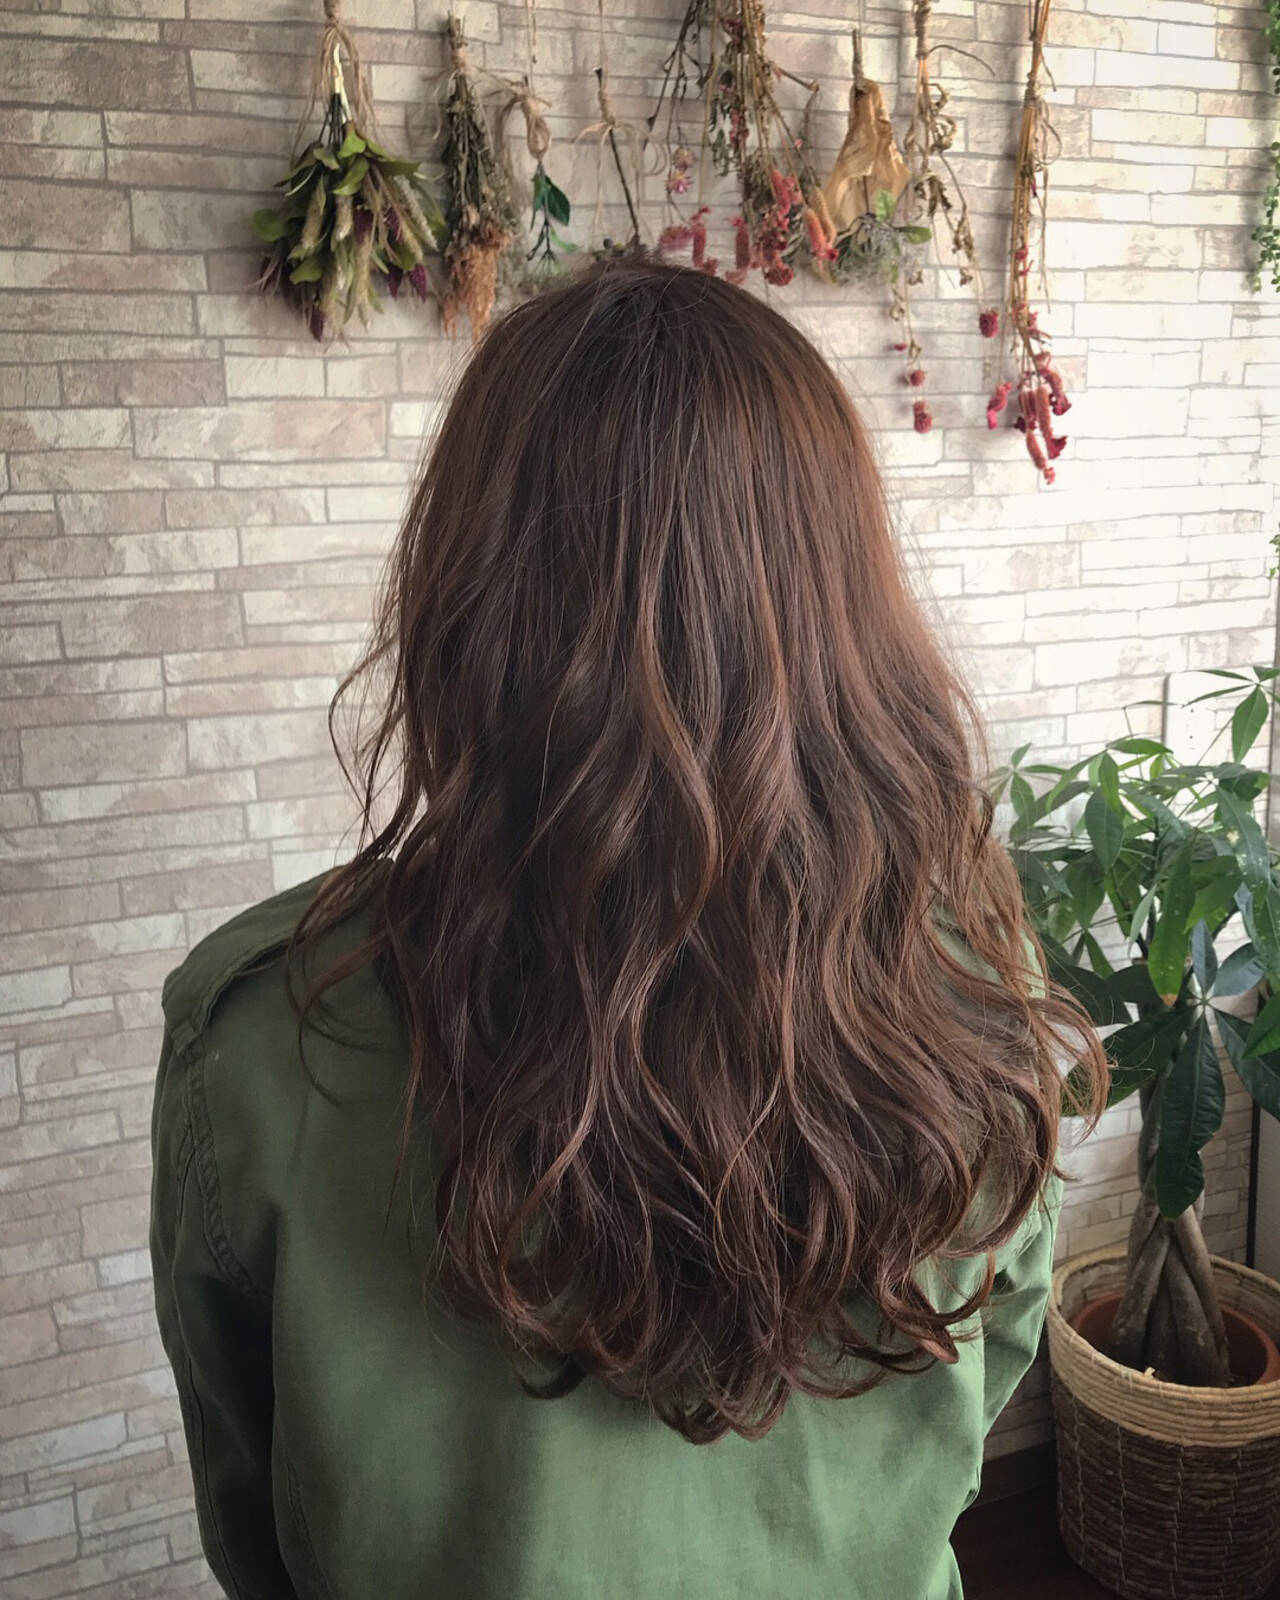 アッシュブラウン 大人ハイライト エレガント 大人女子ヘアスタイルや髪型の写真・画像